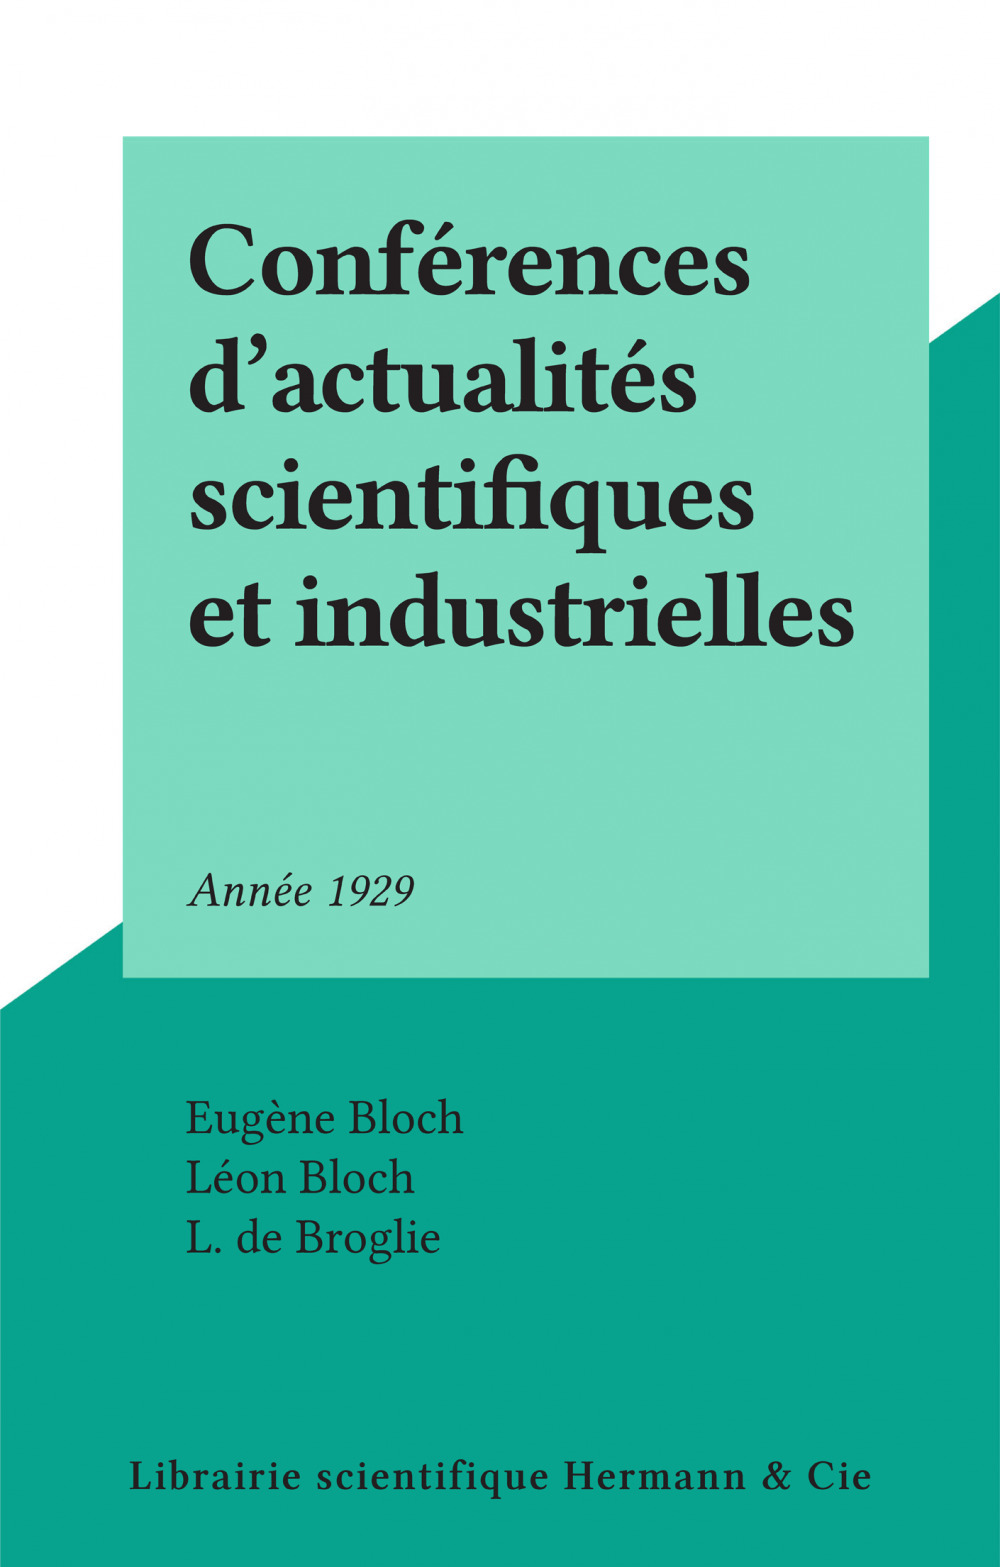 Conférences d'actualités scientifiques et industrielles